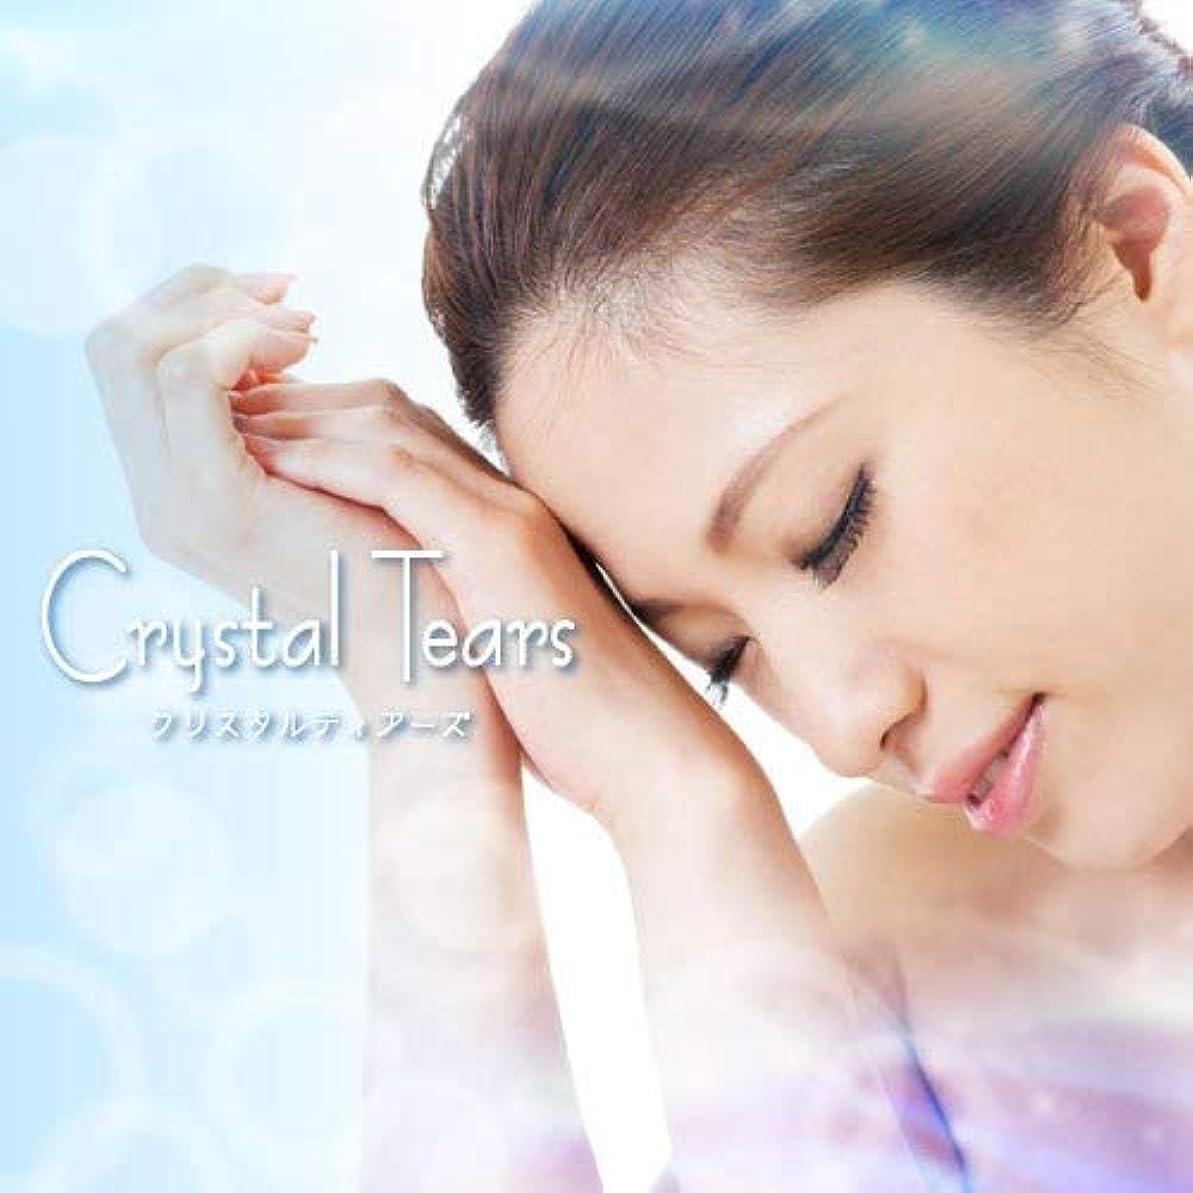 指導する北極圏マイルドCrystal Tears(クリスタル ティアーズ)